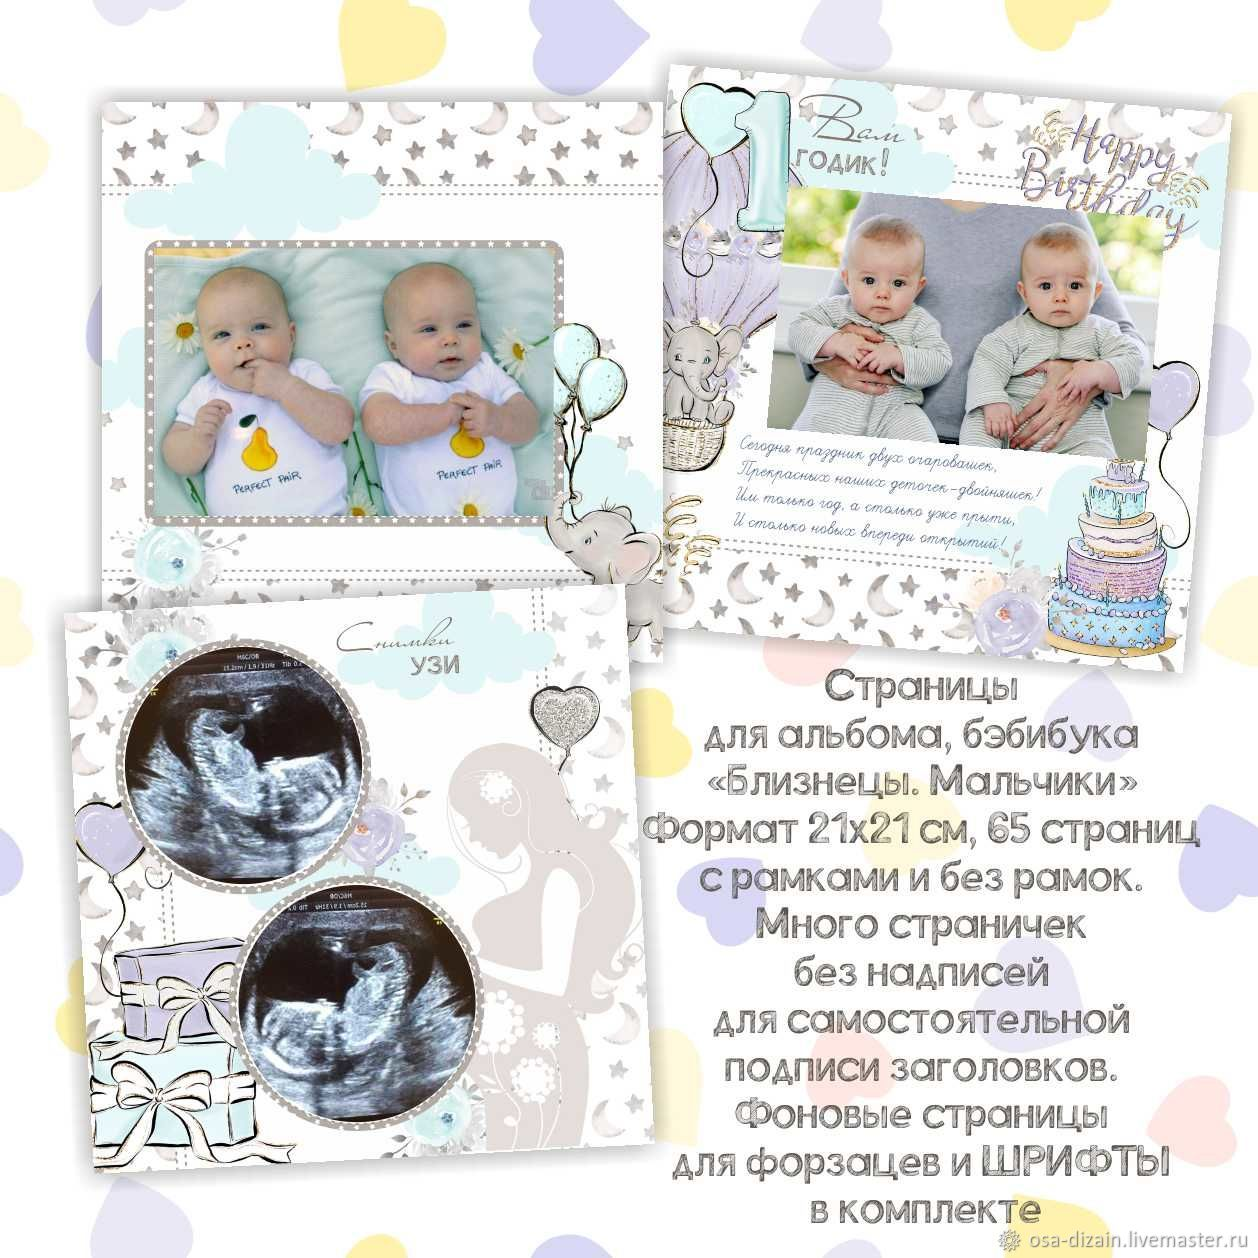 Странички для близнецов, двойняшек мальчиков, Фото-работы, Пермь, Фото №1